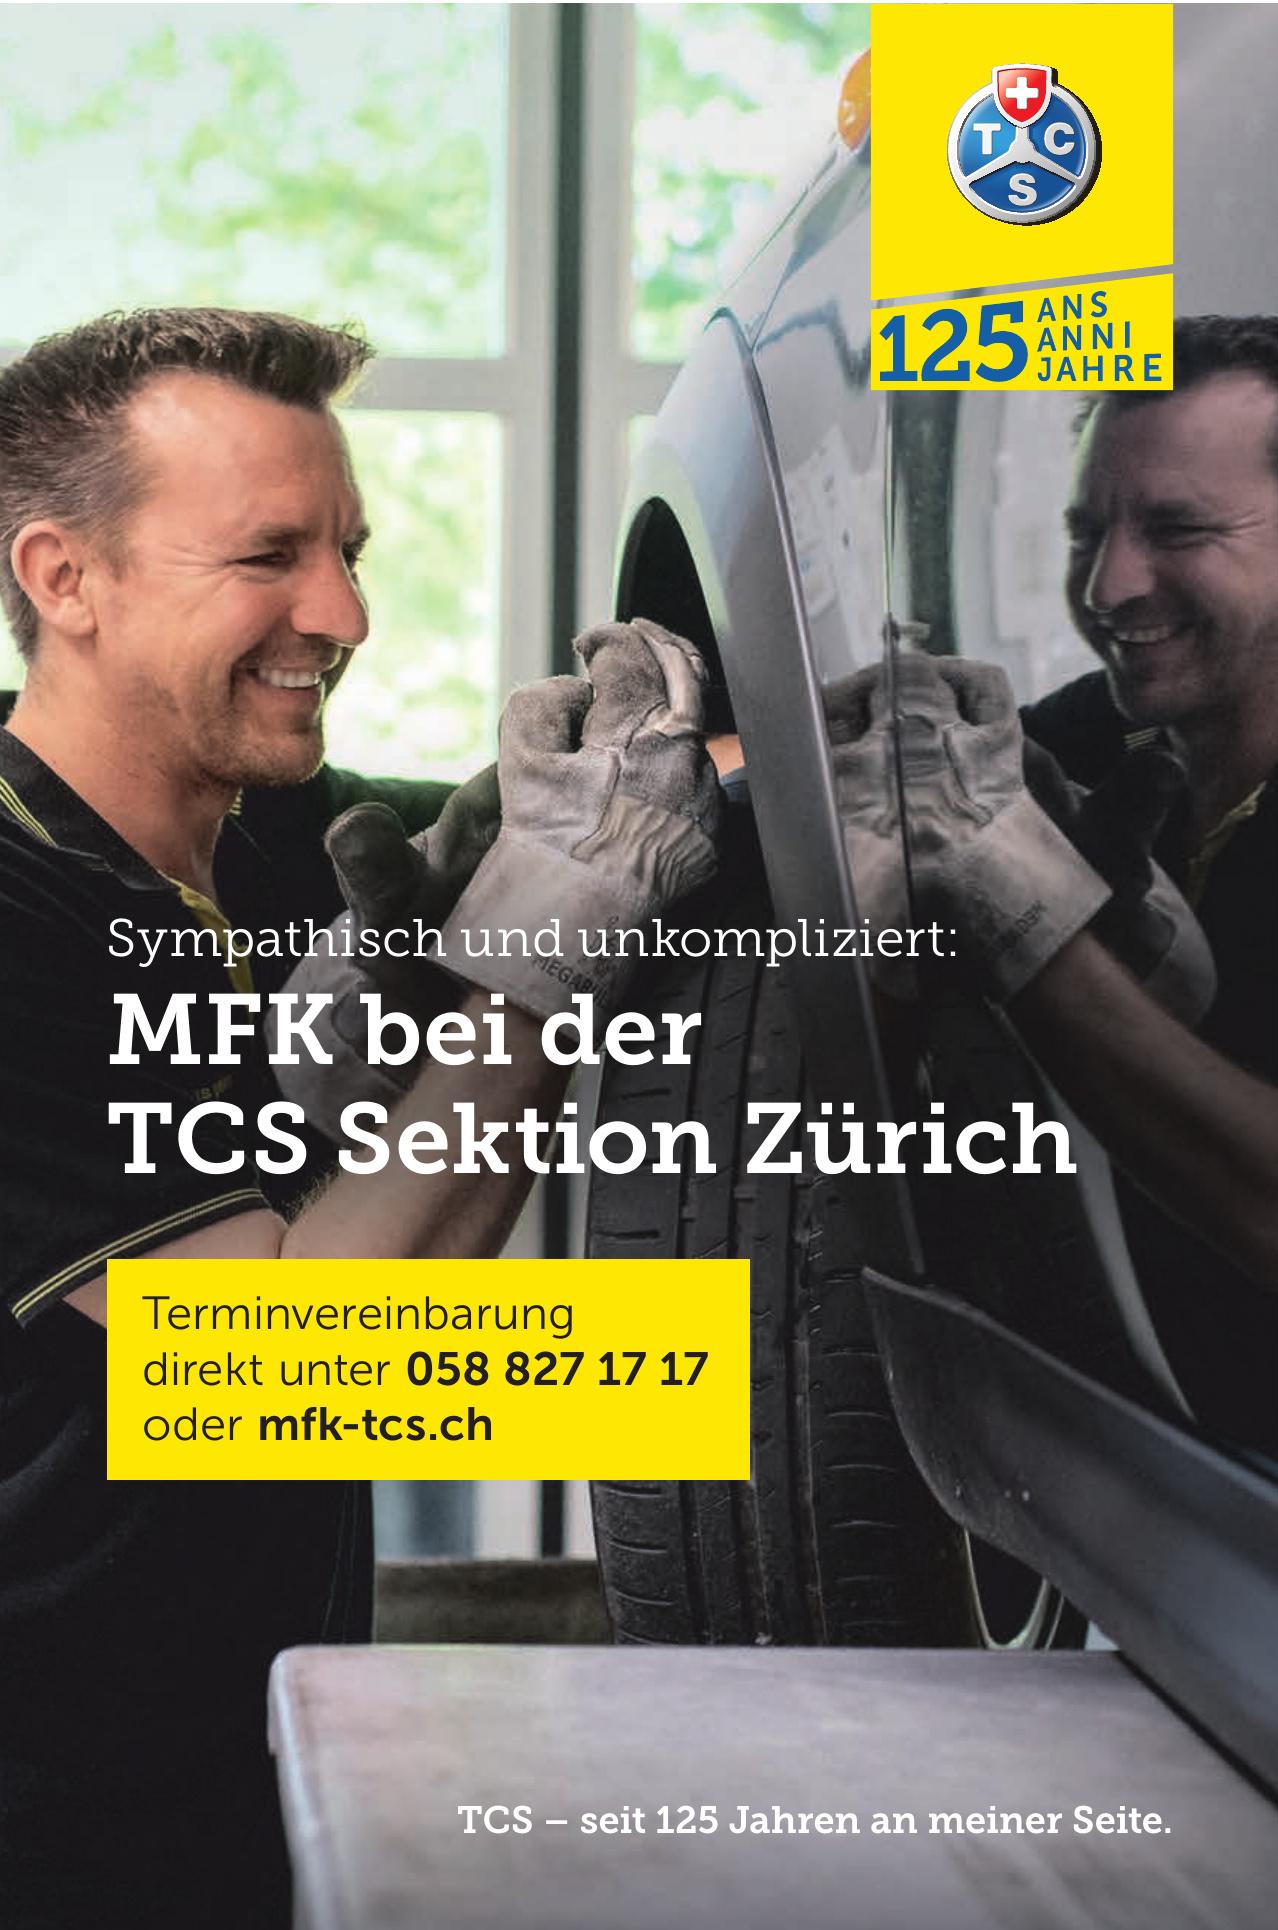 MFK TCS